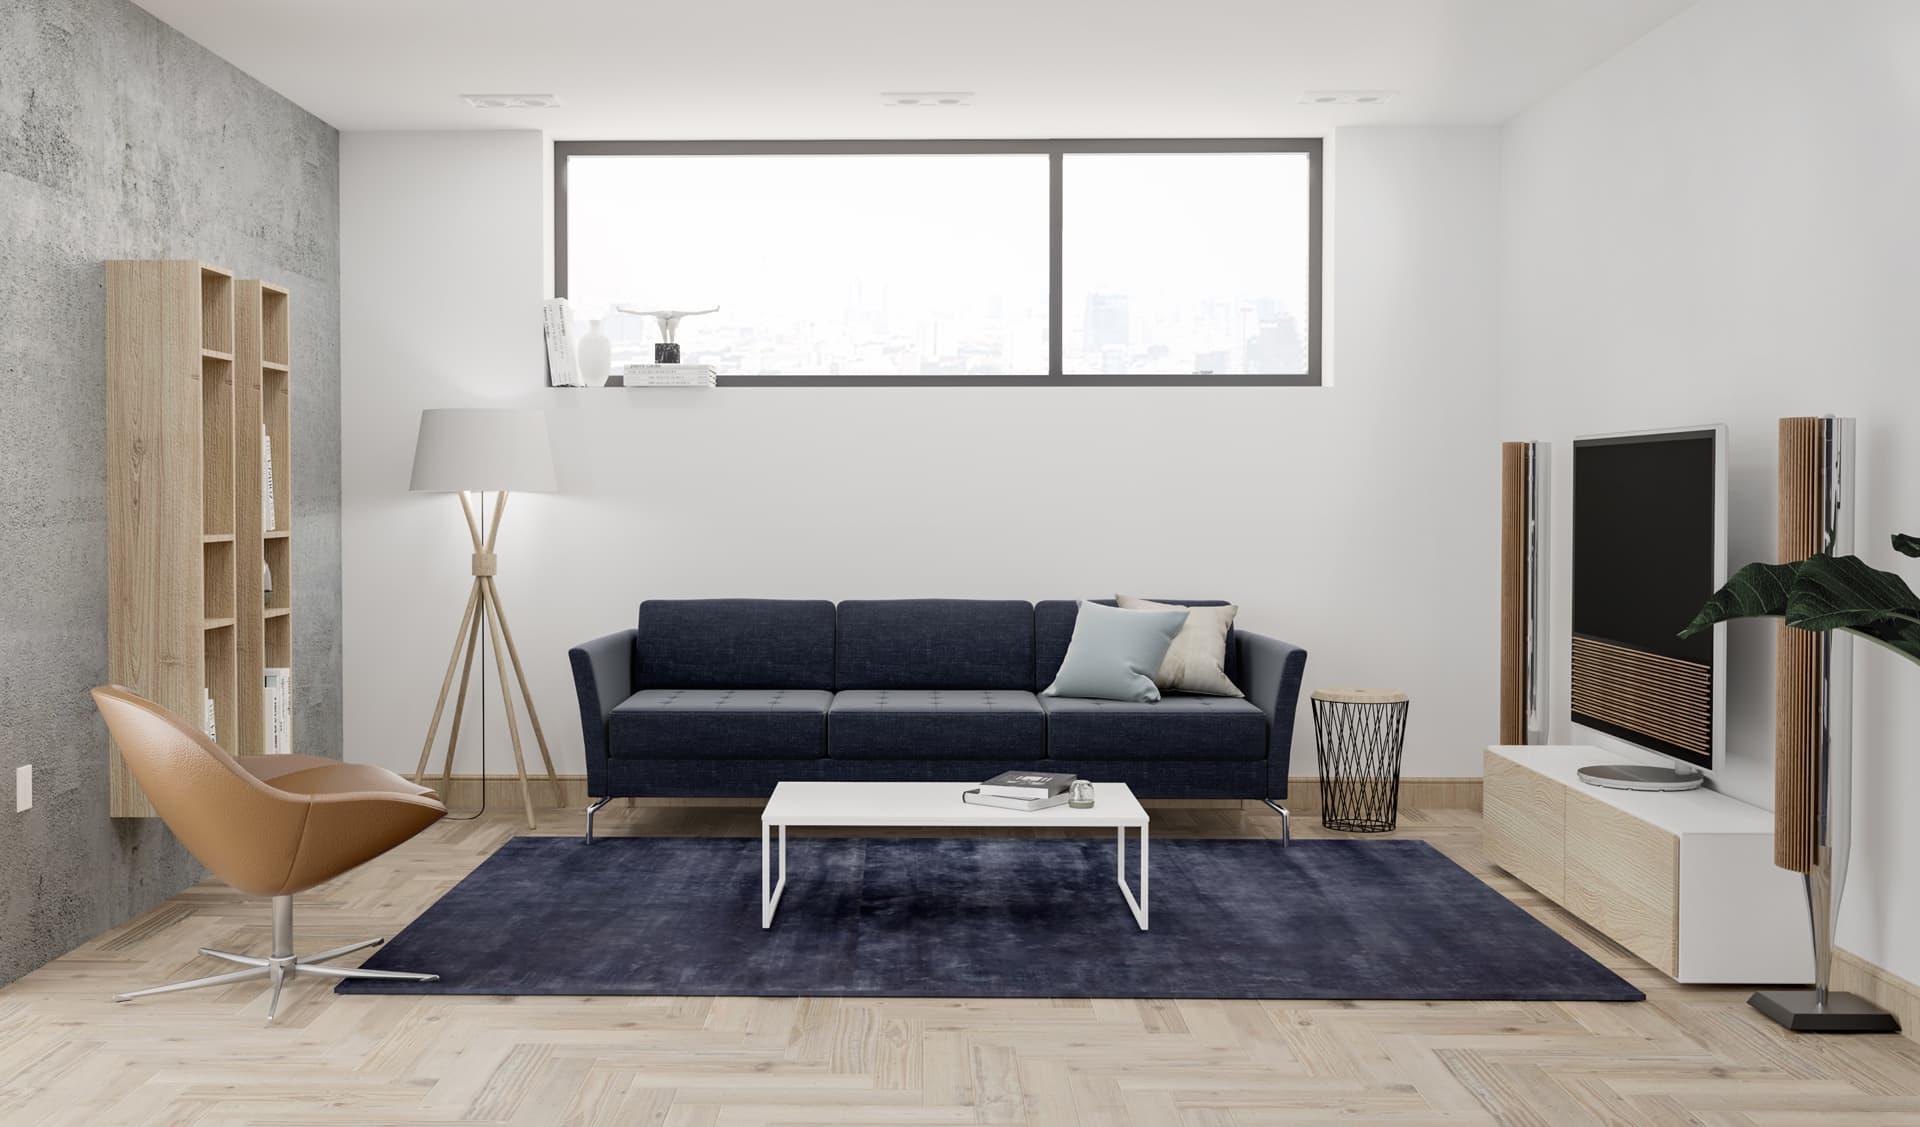 5/12 Living Room, Loft, Design Package